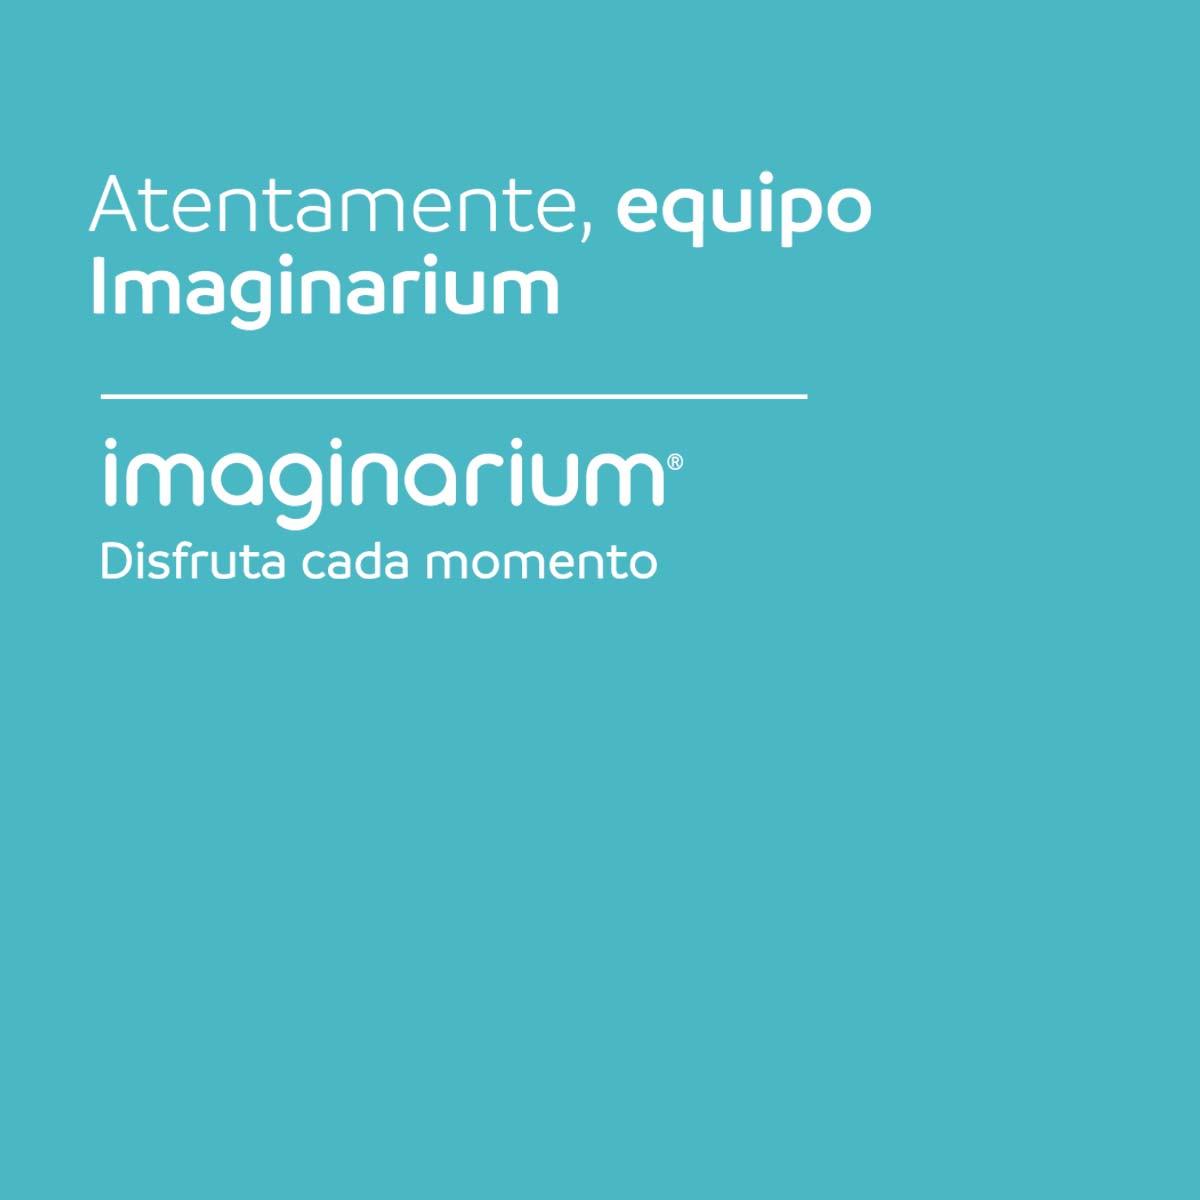 Qué pasó con imaginarium las 4 cosas que deberías saber